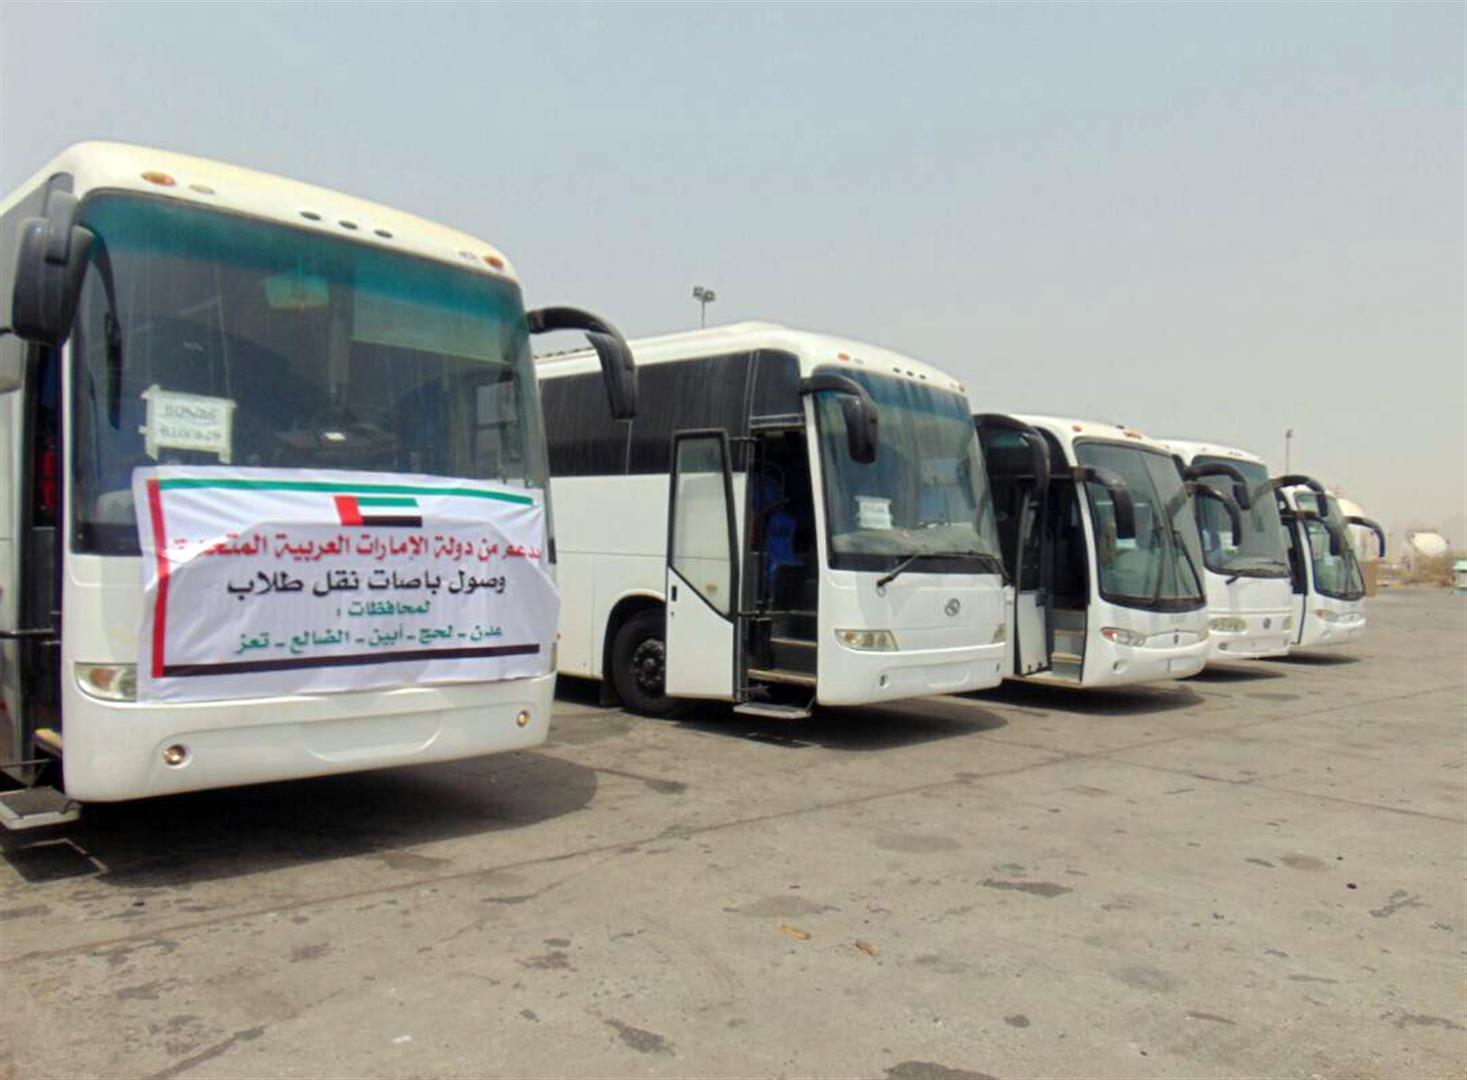 الإمارات تدعم قطاع التعليم في عدن بـ53 حافلة .. والدفعة الثانية قريبا 2